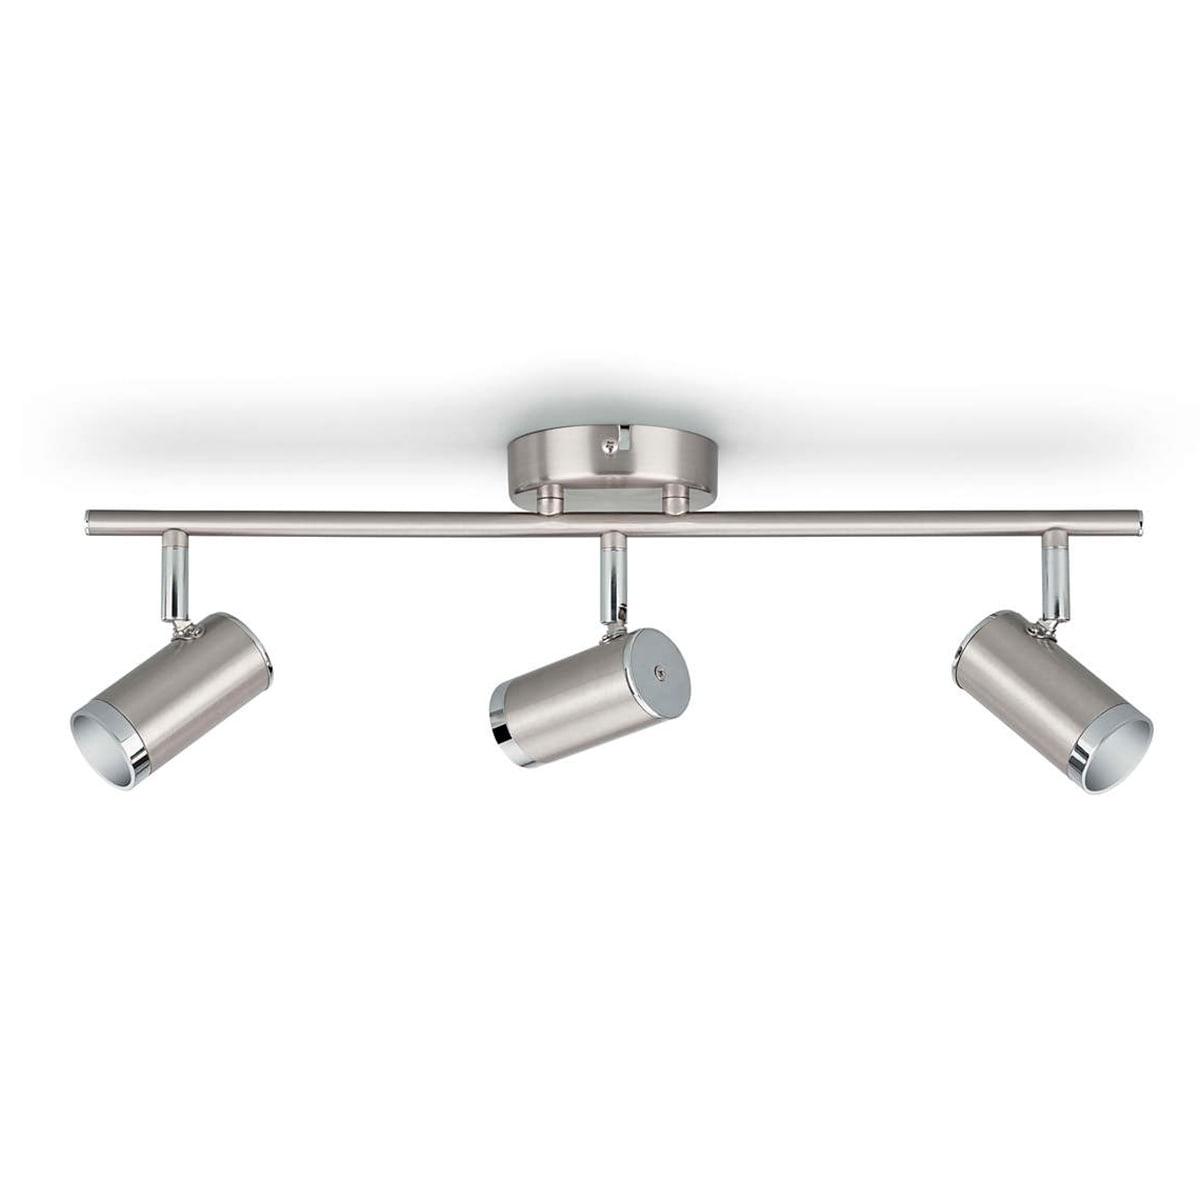 Med 3 justerbare spots og indbygget LED-lamper